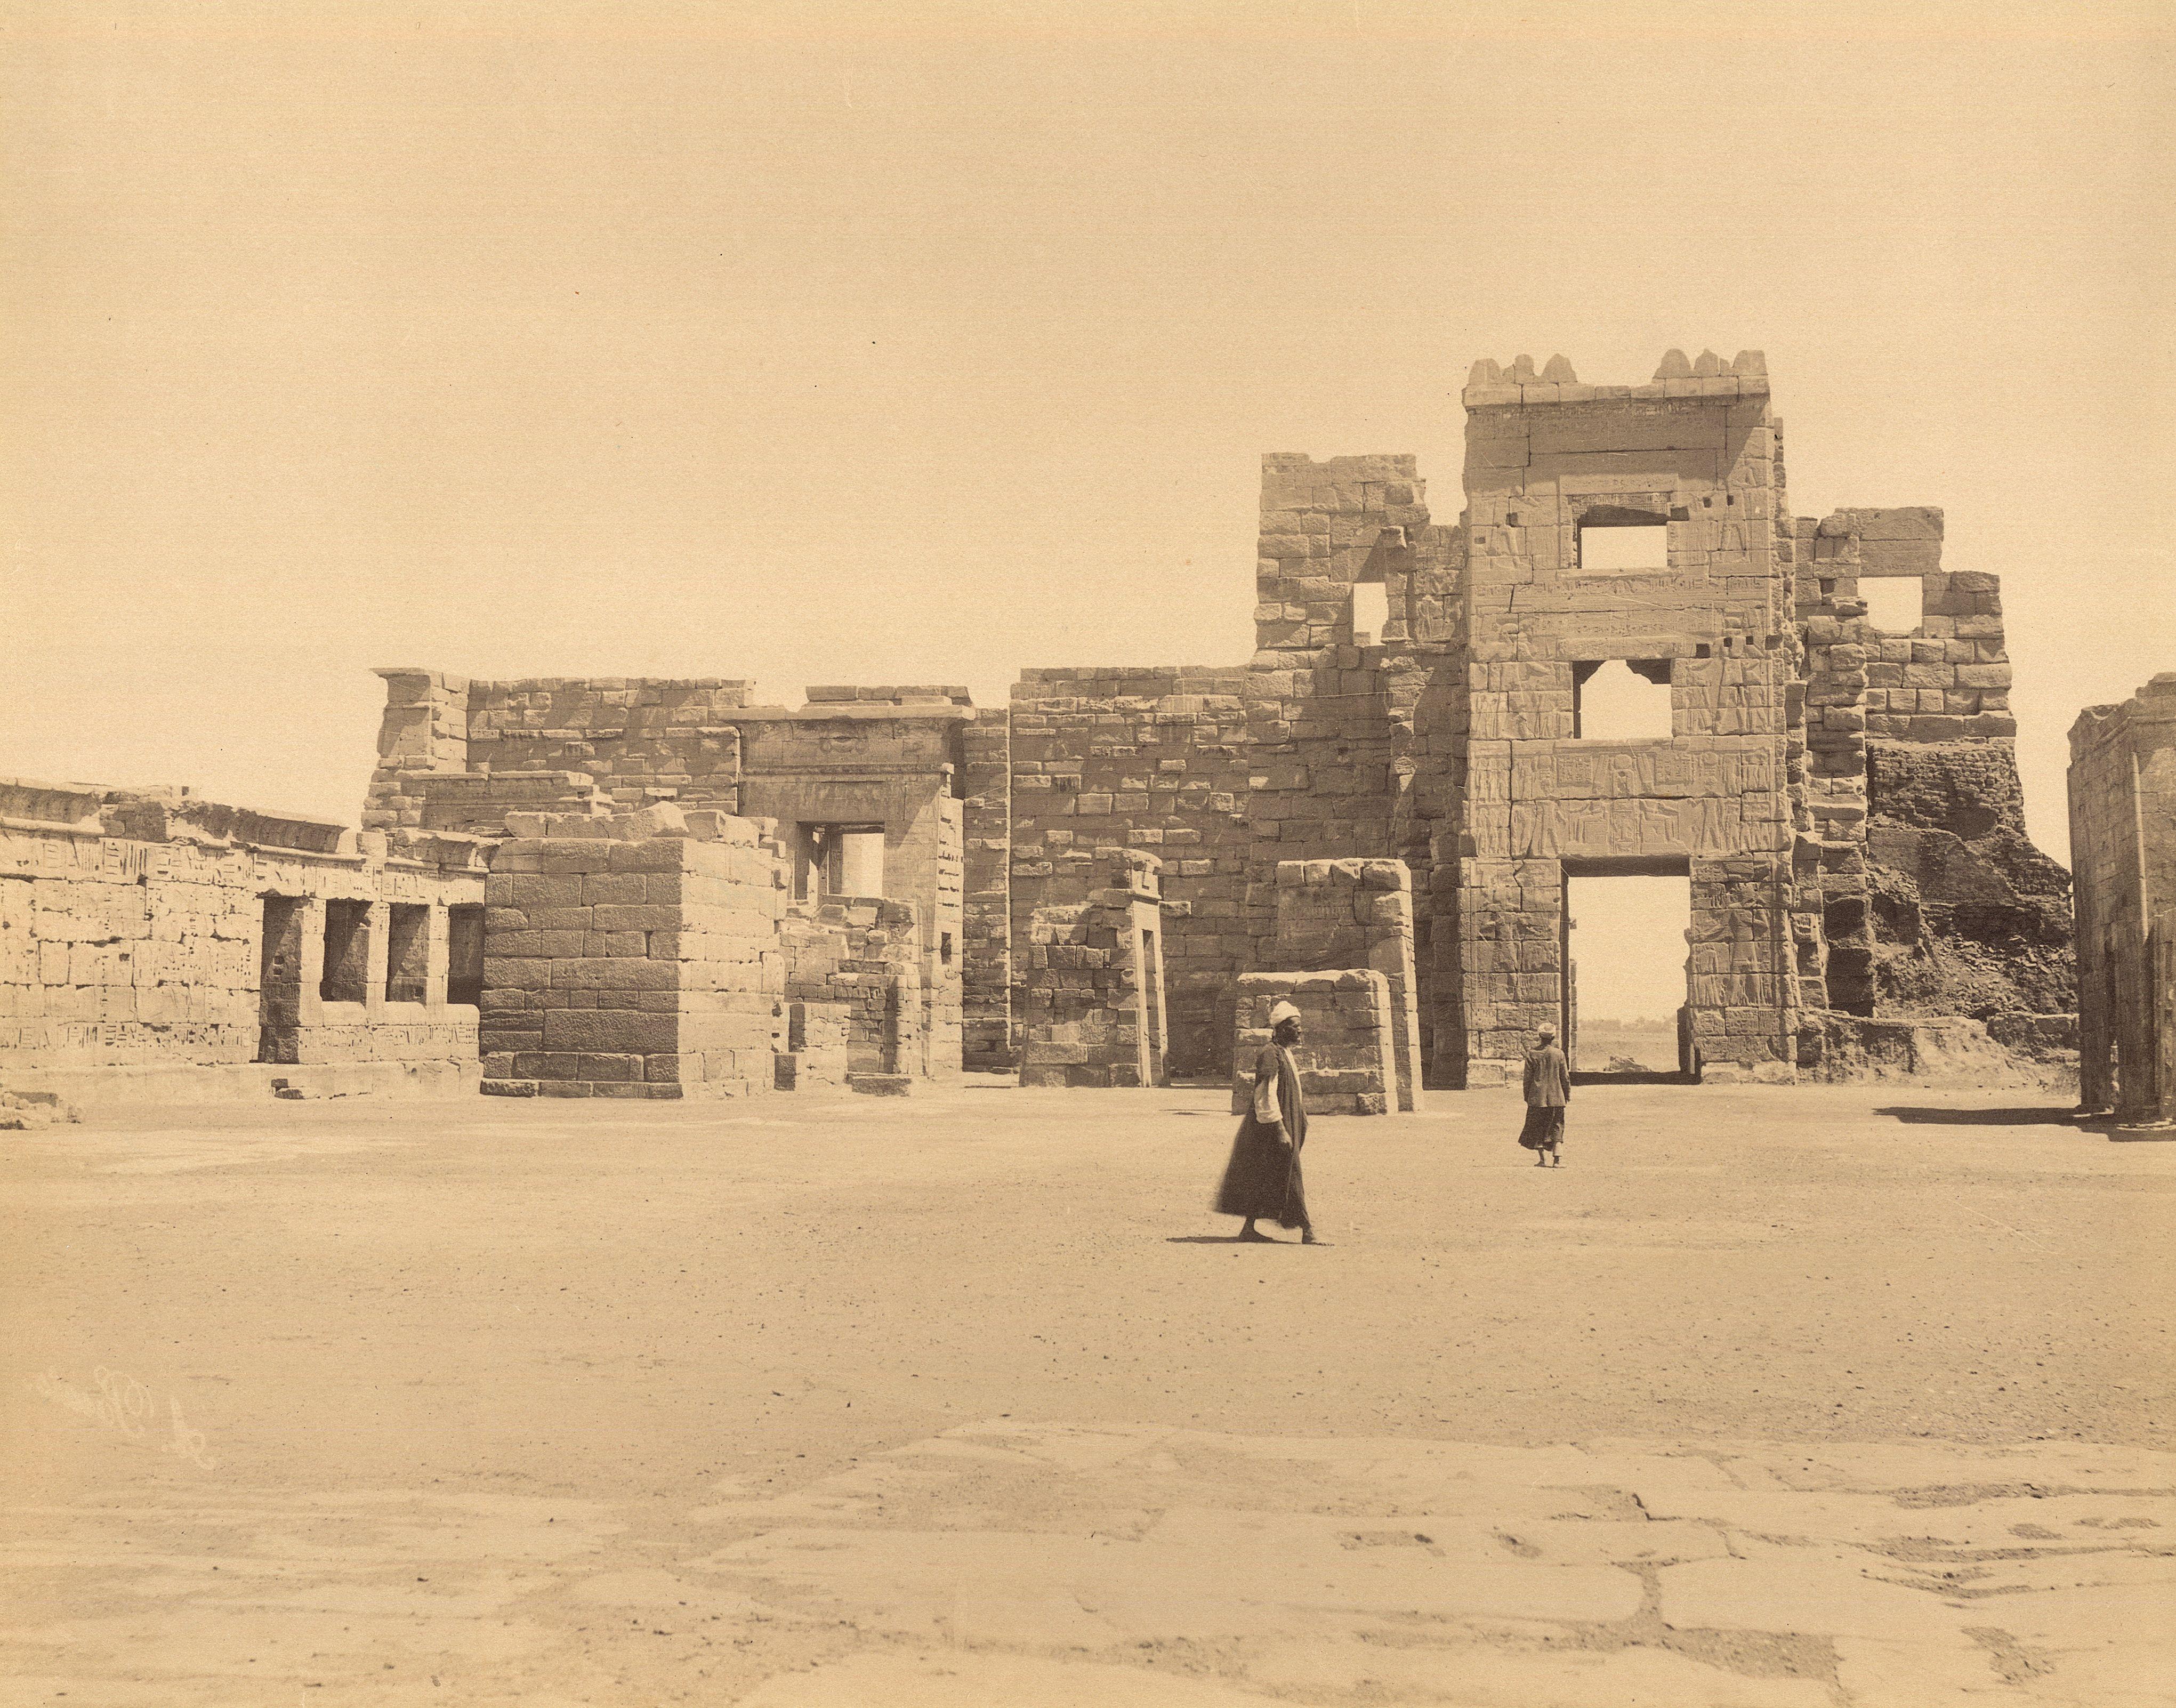 Заупокойный храм Рамсеса III в Мединет-Абу. Восточные ворота